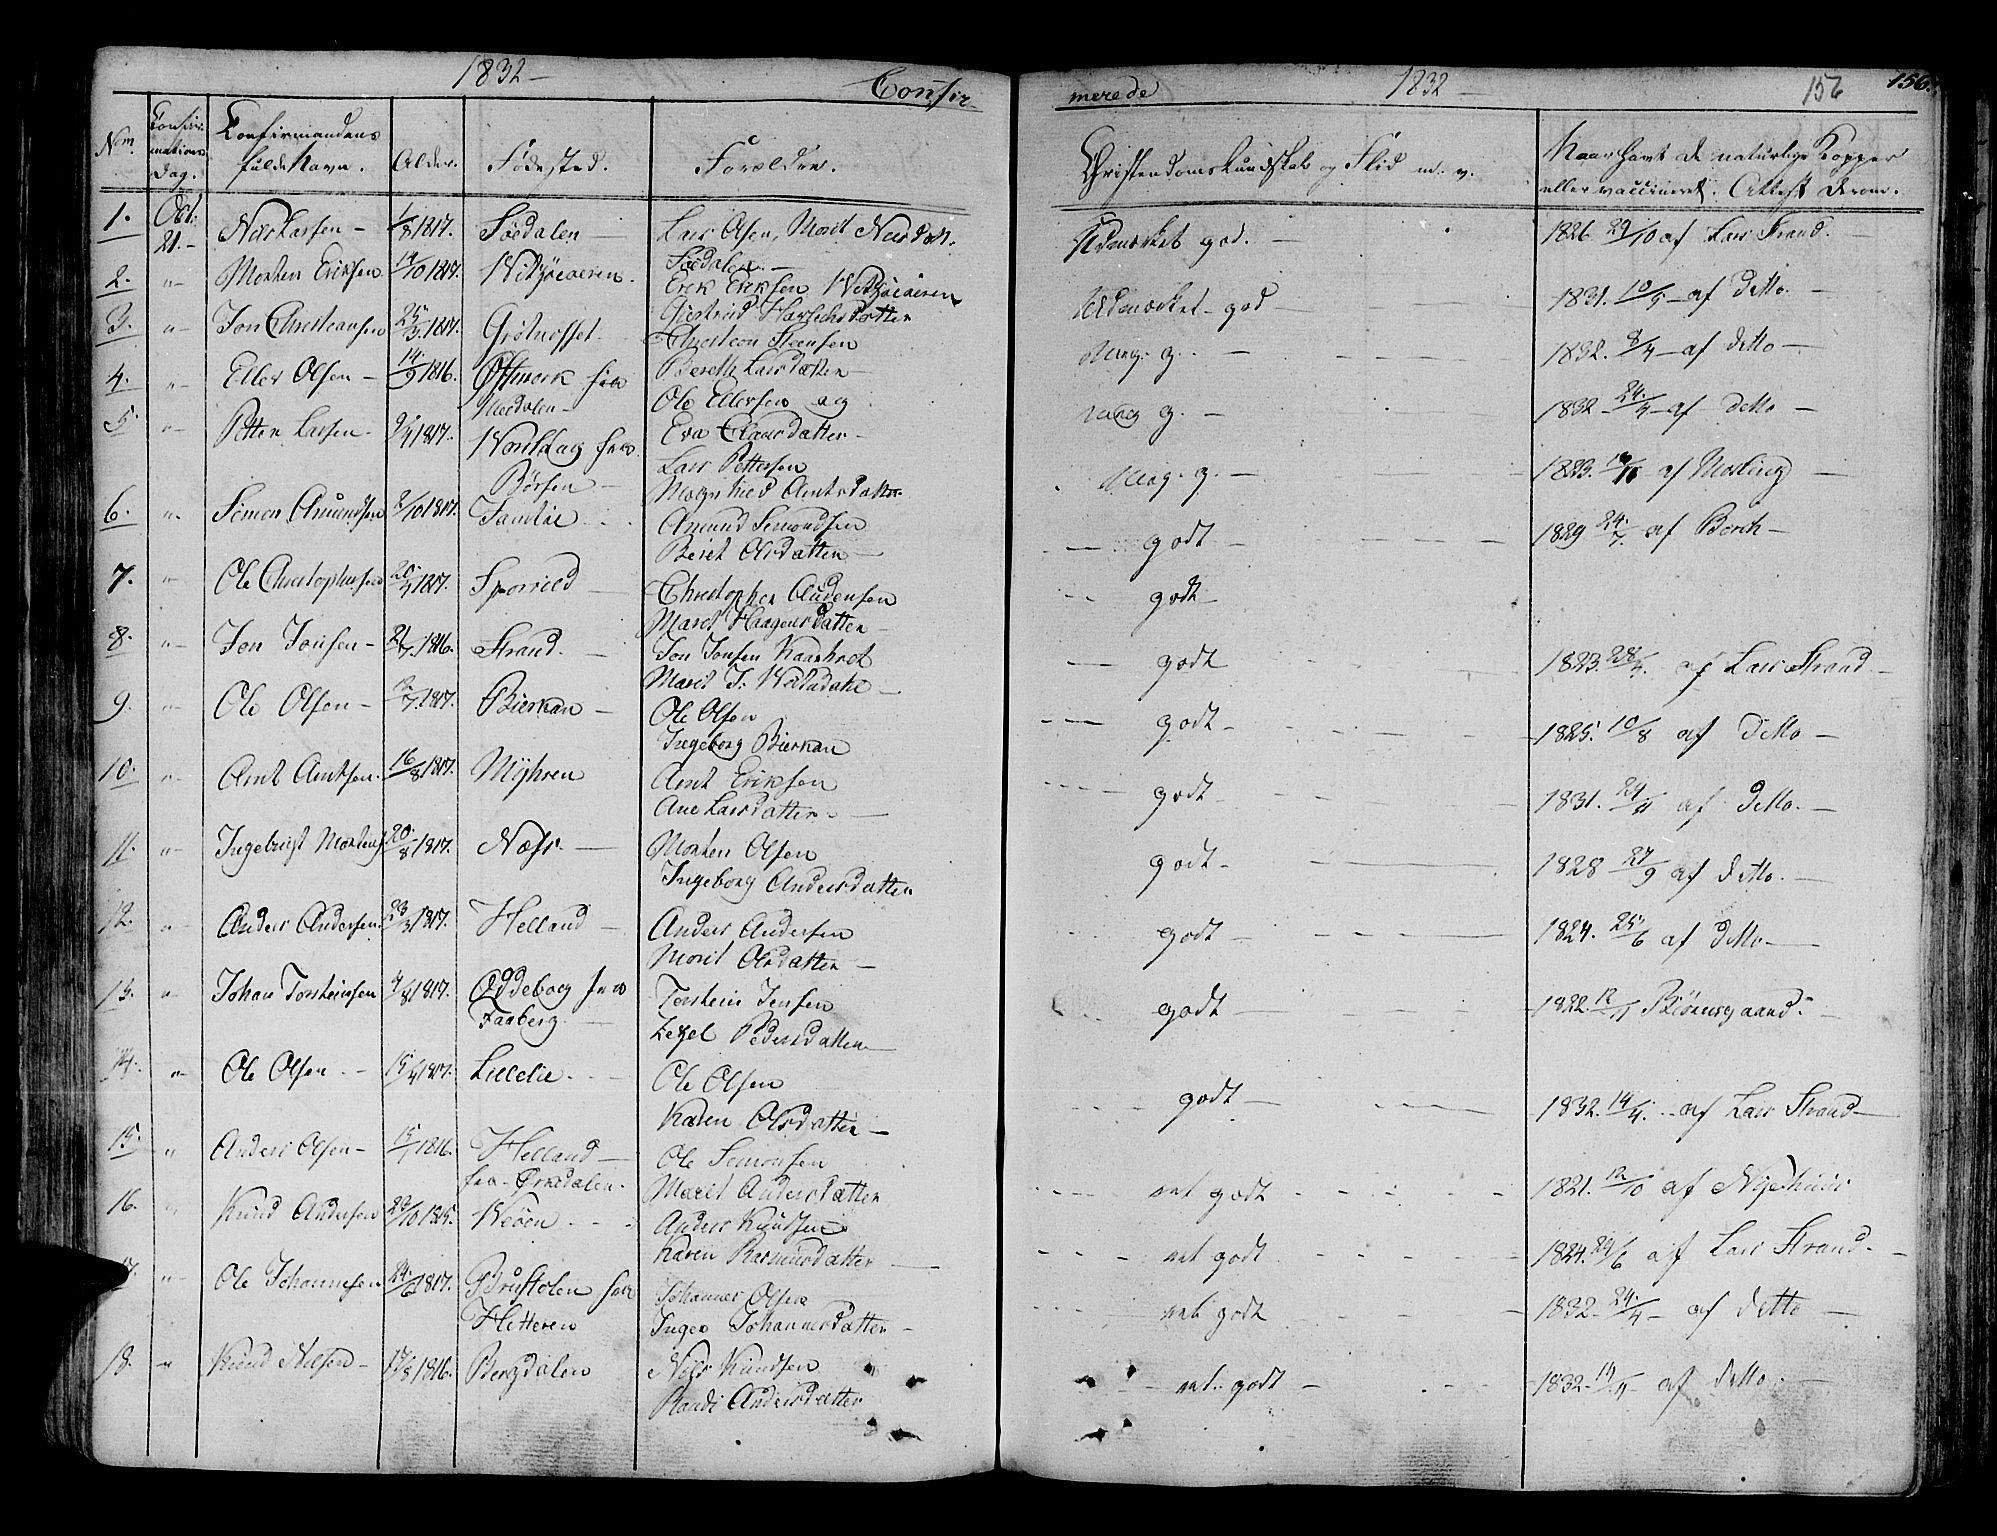 SAT, Ministerialprotokoller, klokkerbøker og fødselsregistre - Sør-Trøndelag, 630/L0492: Ministerialbok nr. 630A05, 1830-1840, s. 156